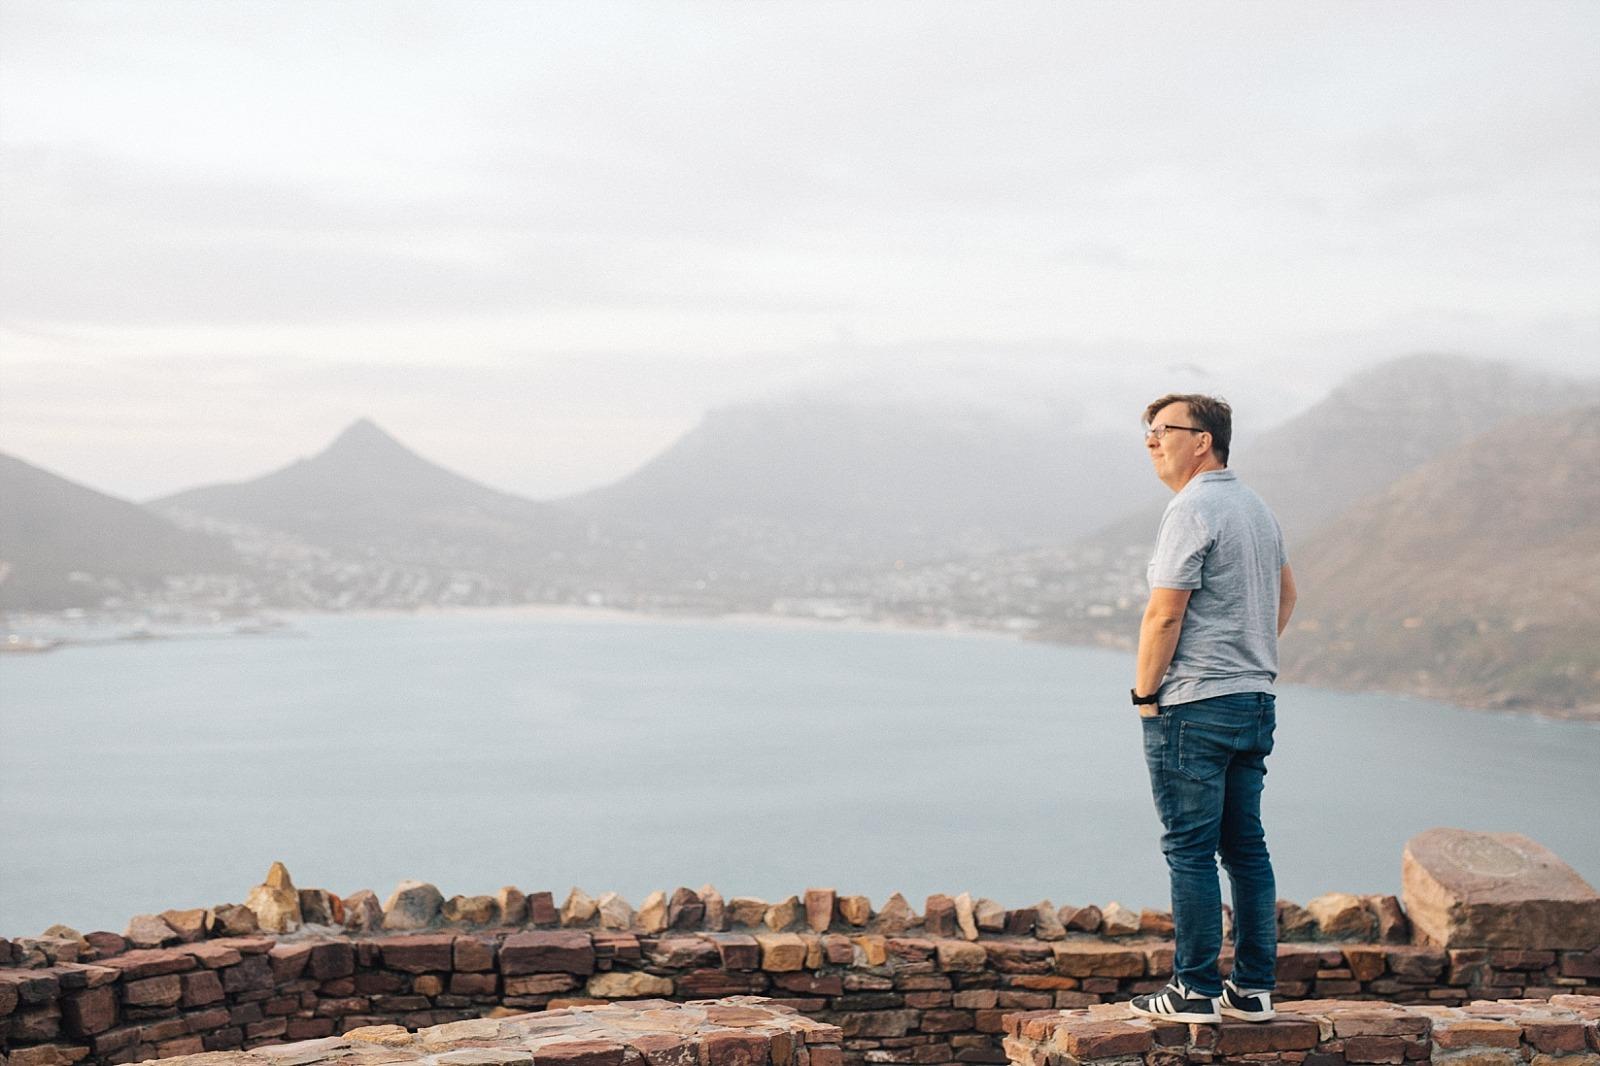 Cape Town avec Mystery travel - Stellenbosch & Muizenberg 16